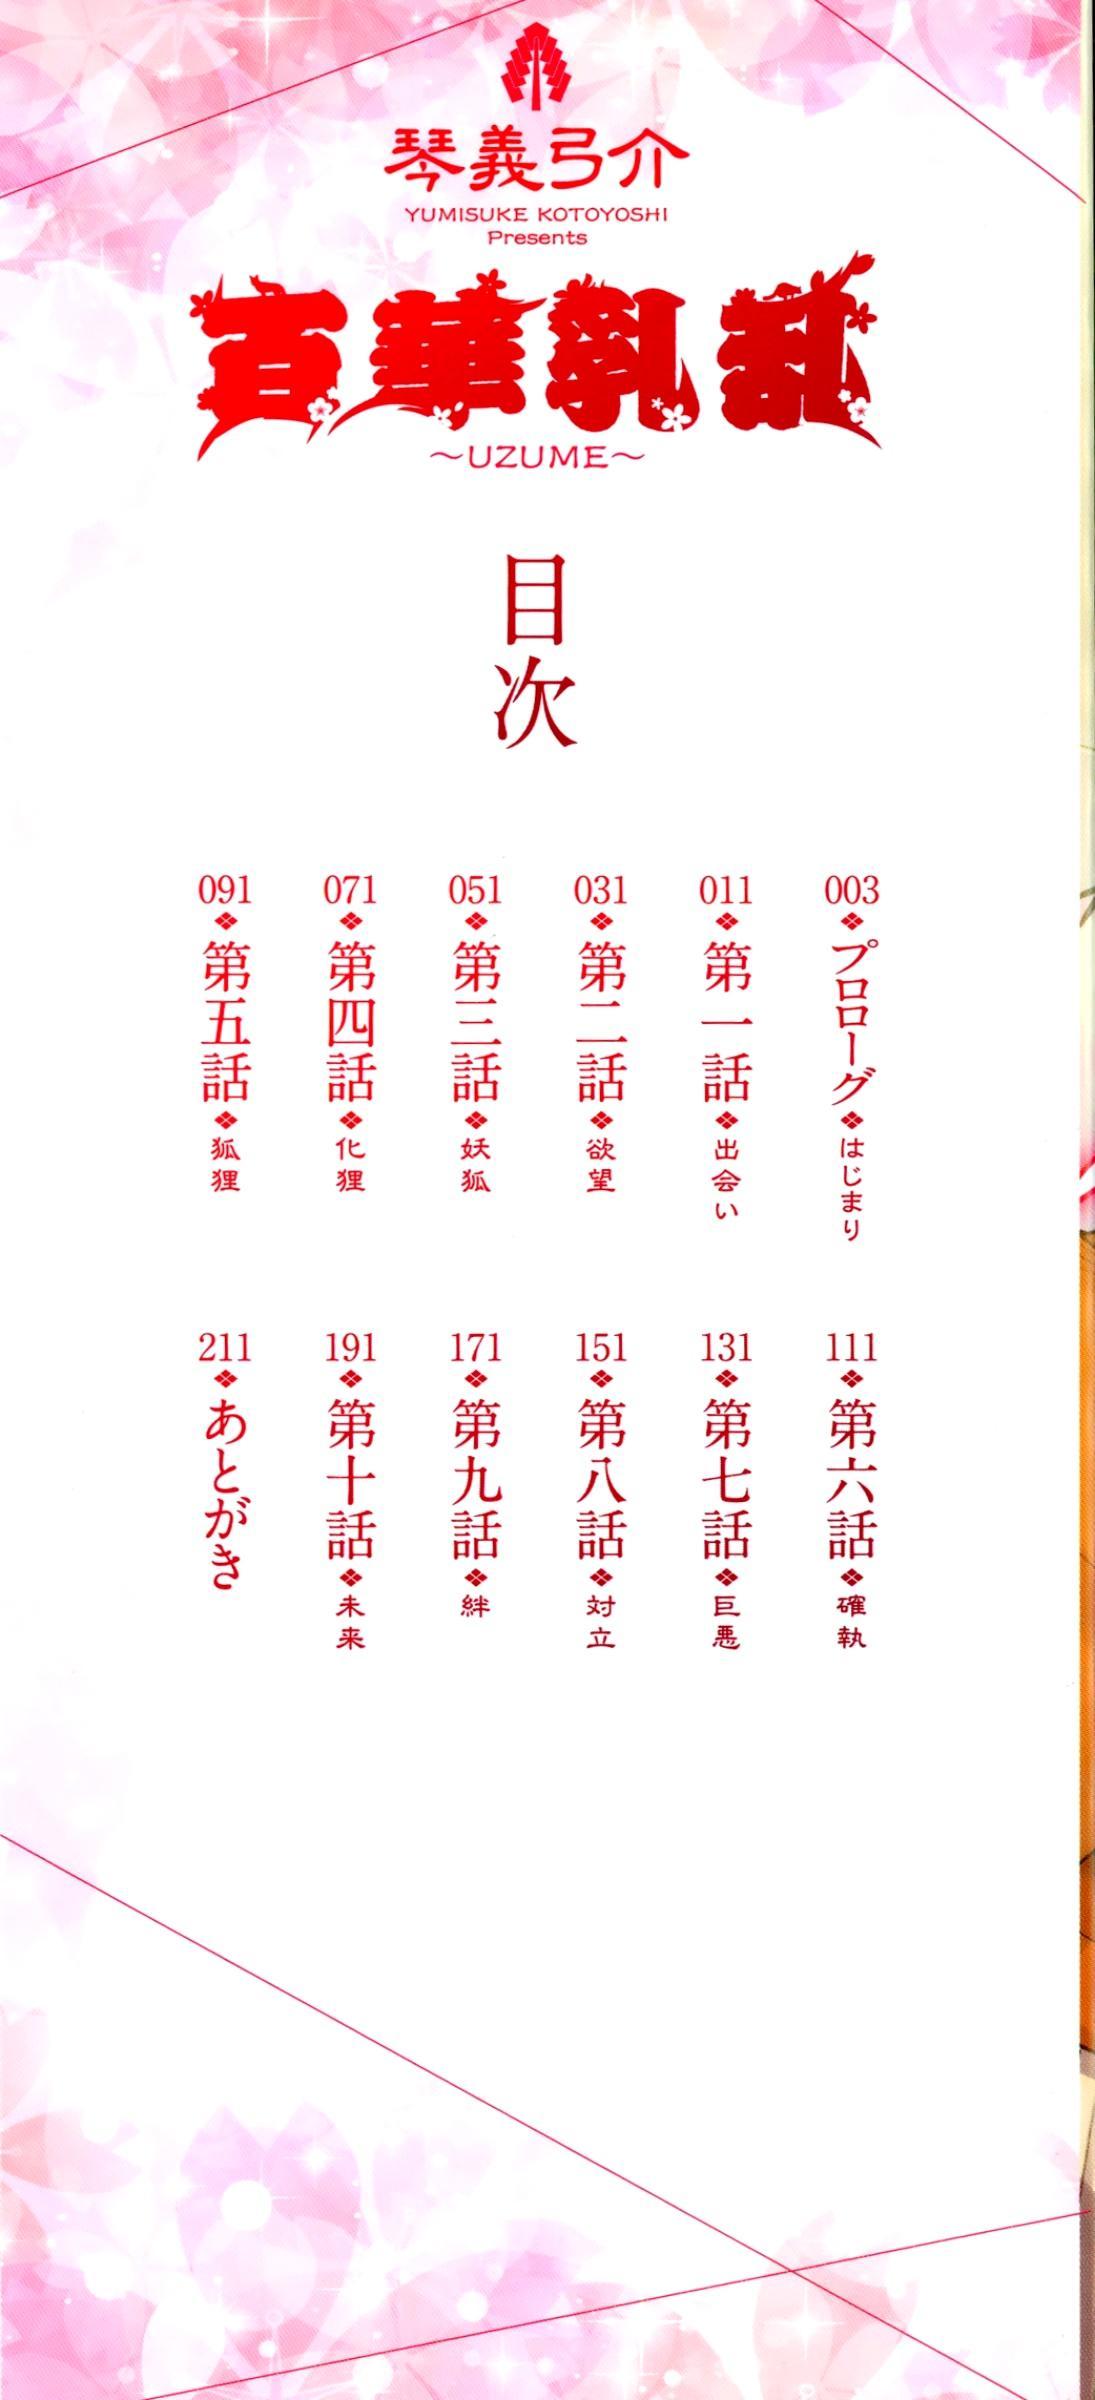 [Kotoyoshi Yumisuke] Hyakka Nyuuran ~UZUME~   Hundred Blossoms Raging Boobs ~UZUME~ Ch.0-3 [English] 3